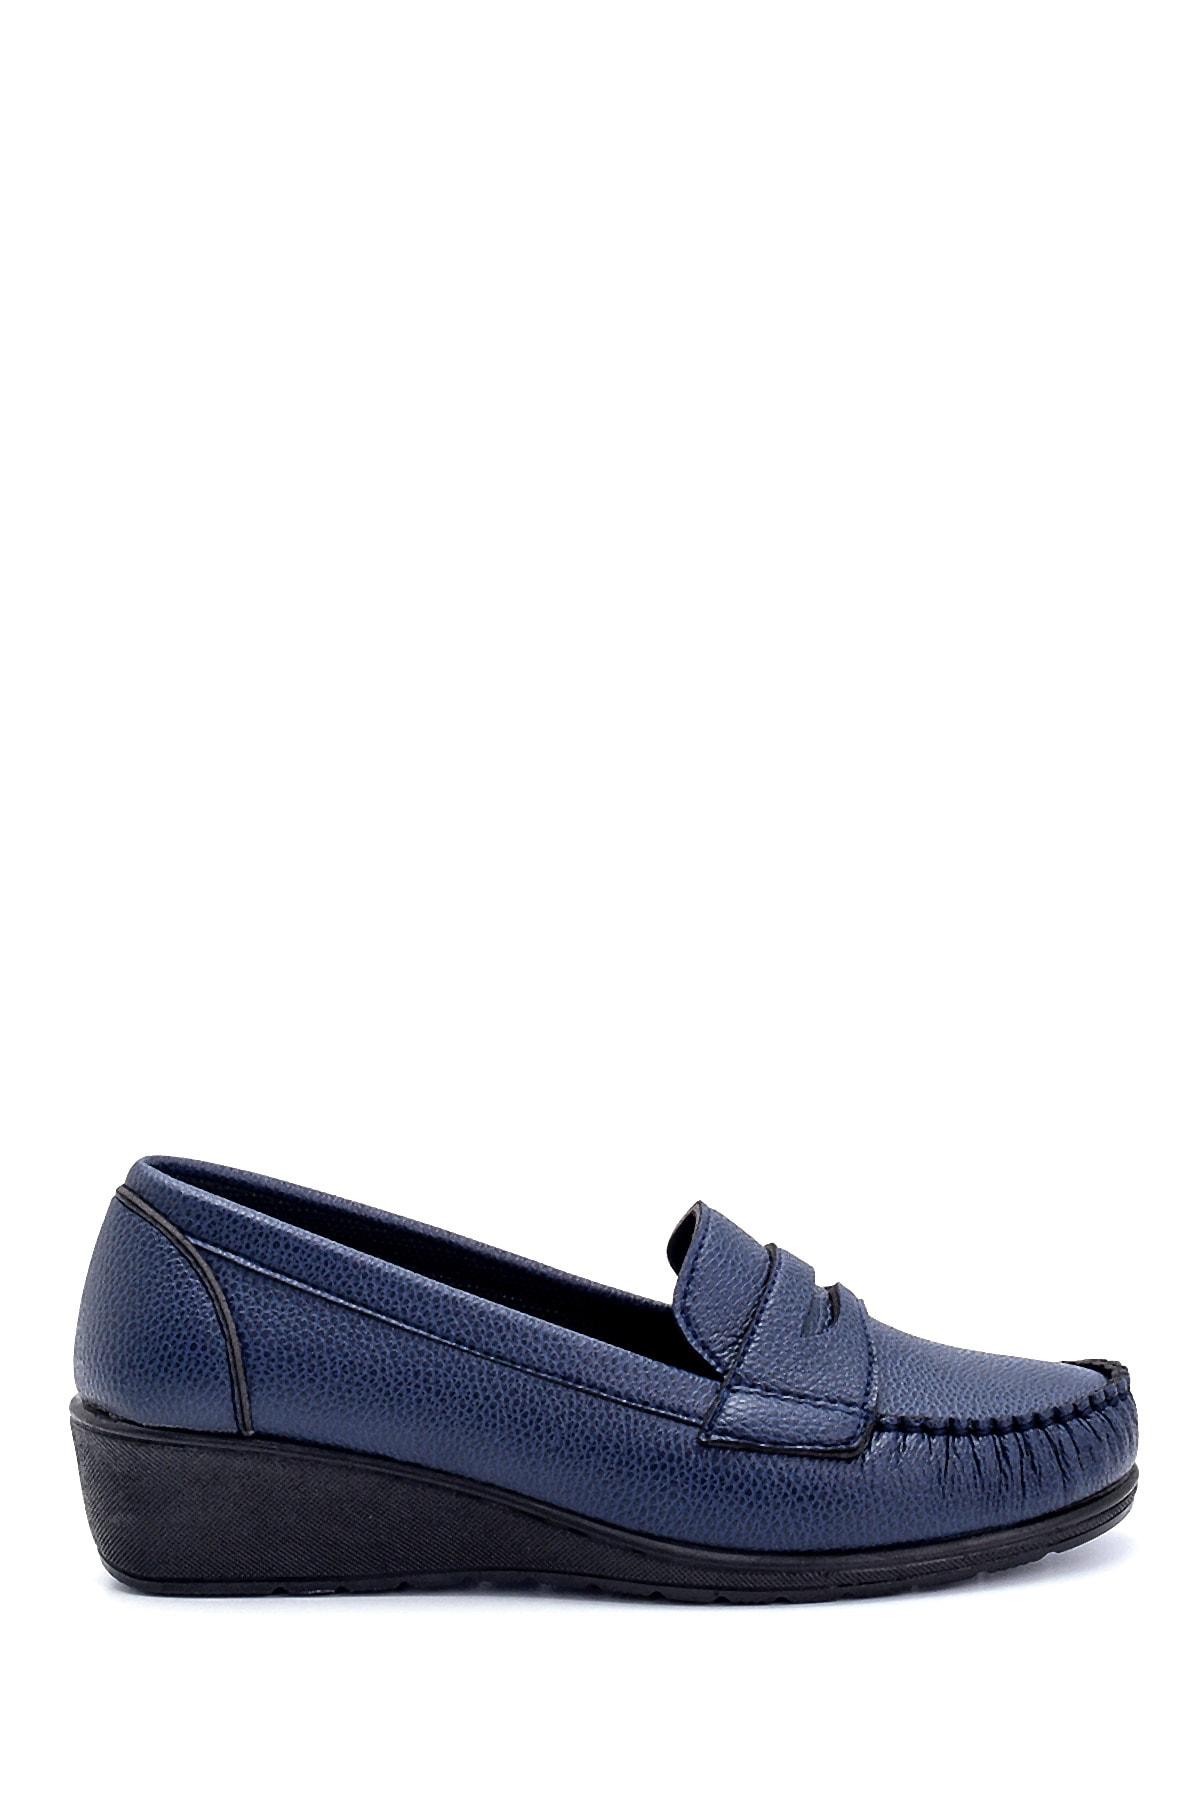 Derimod Kadın Lacivert Dolgu Topuklu Loafer Ayakkabı 1